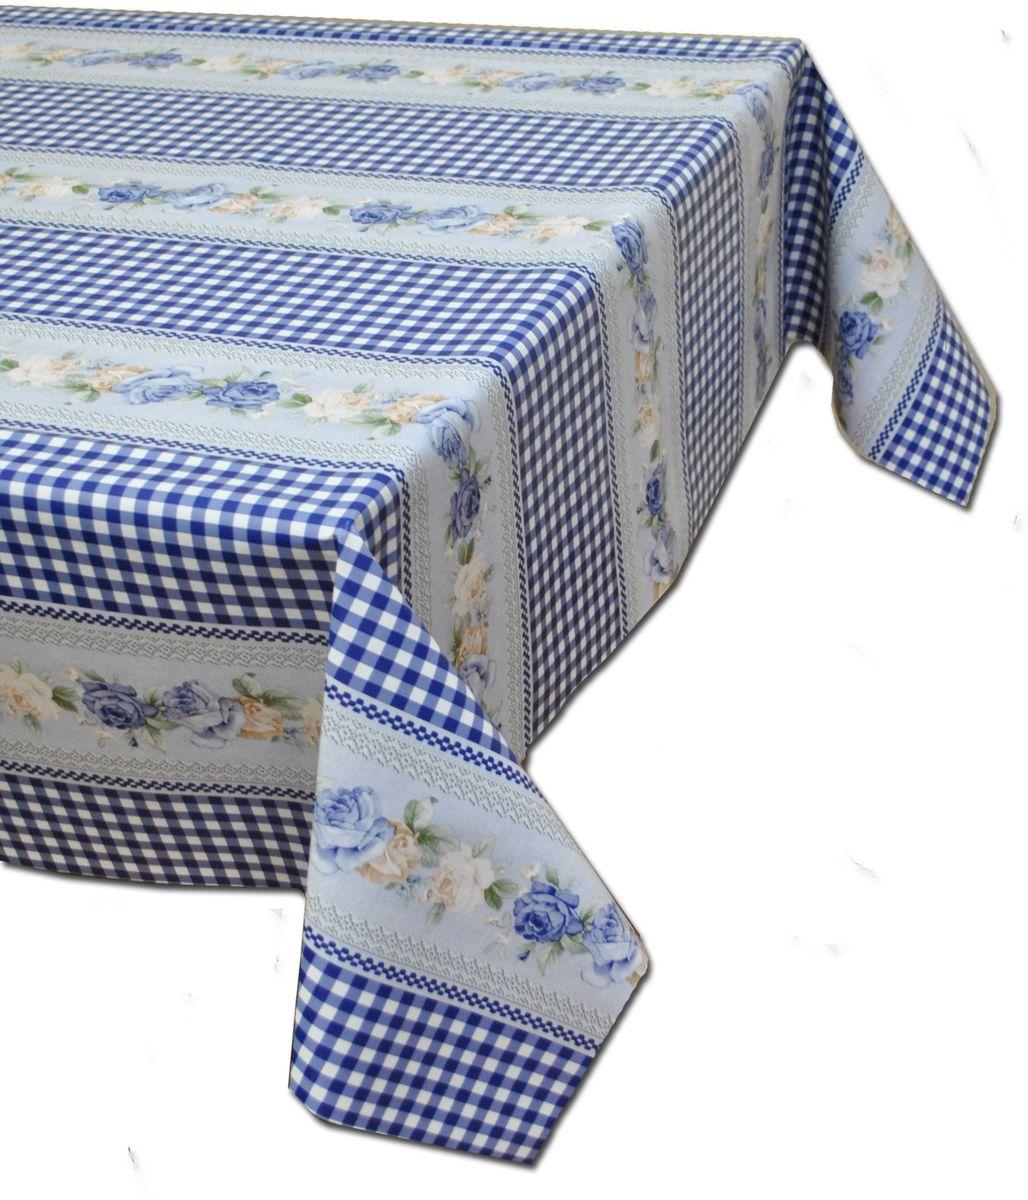 Столовая клеенка LCadesi Florista, прямоугольная, 130 х 165 см. FL130165-018-02VT-1520(SR)Столовая клеенка Florista с классическим дизайном украсит ваш стол и защитит его от царапин и пятен. Благодаря основе из нетканого материала не скользит по столу. Клеенка не имеет запаха и совершенно безопасна для человека.